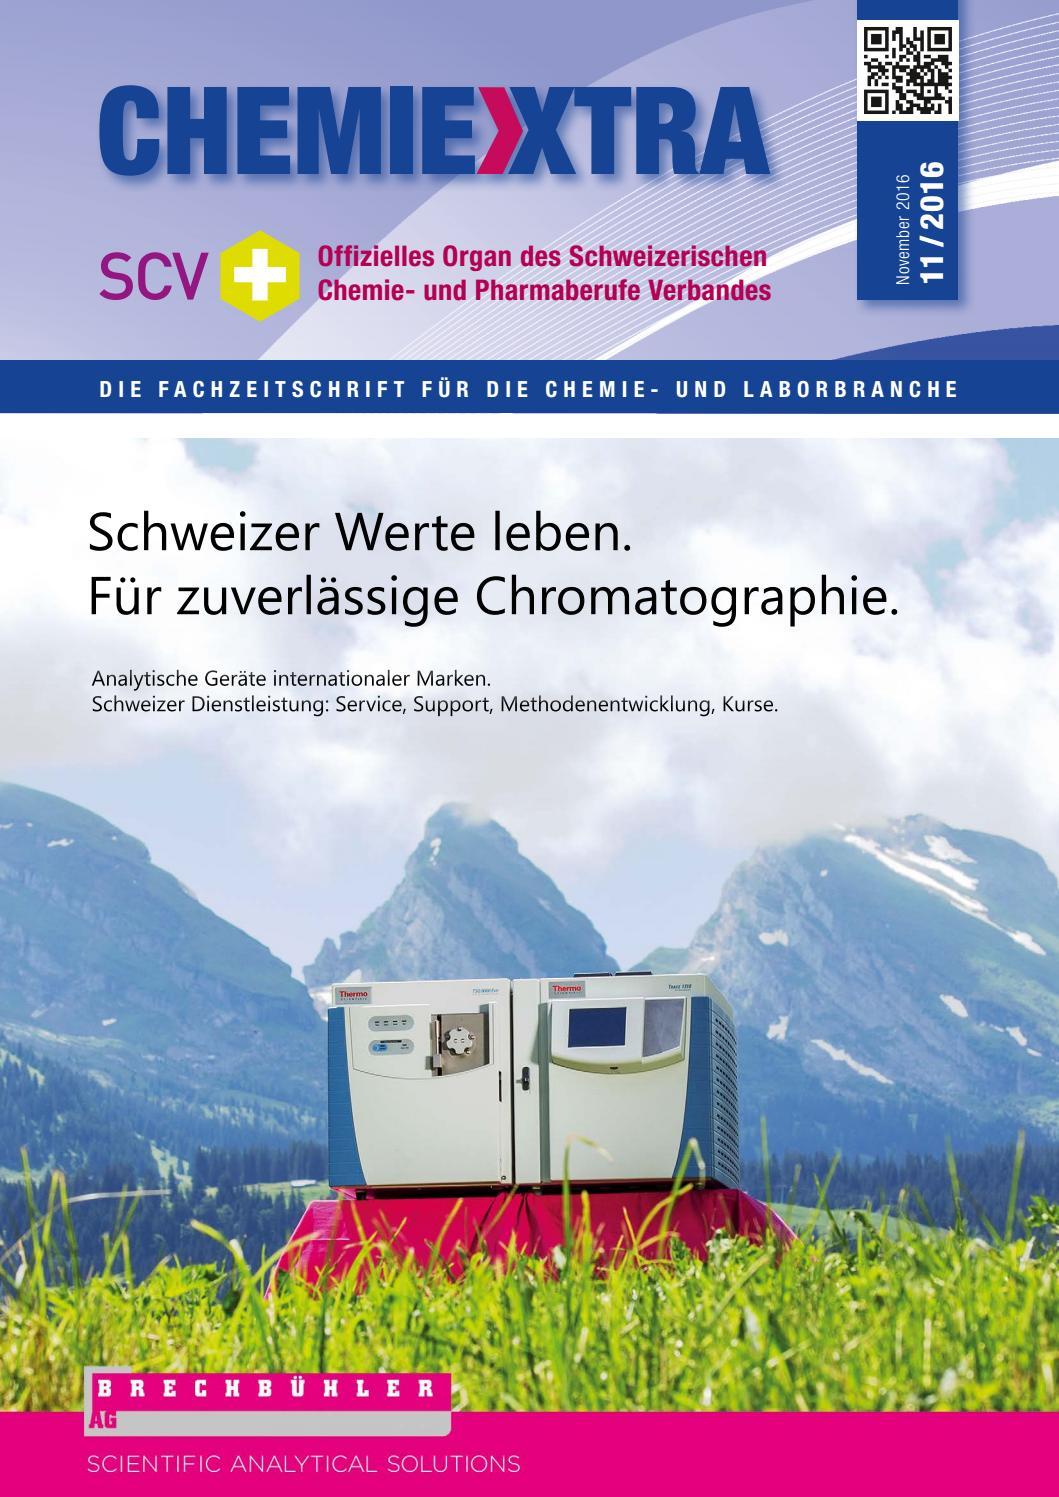 Chemiextra 11 2016 by SIGWERB GmbH - issuu